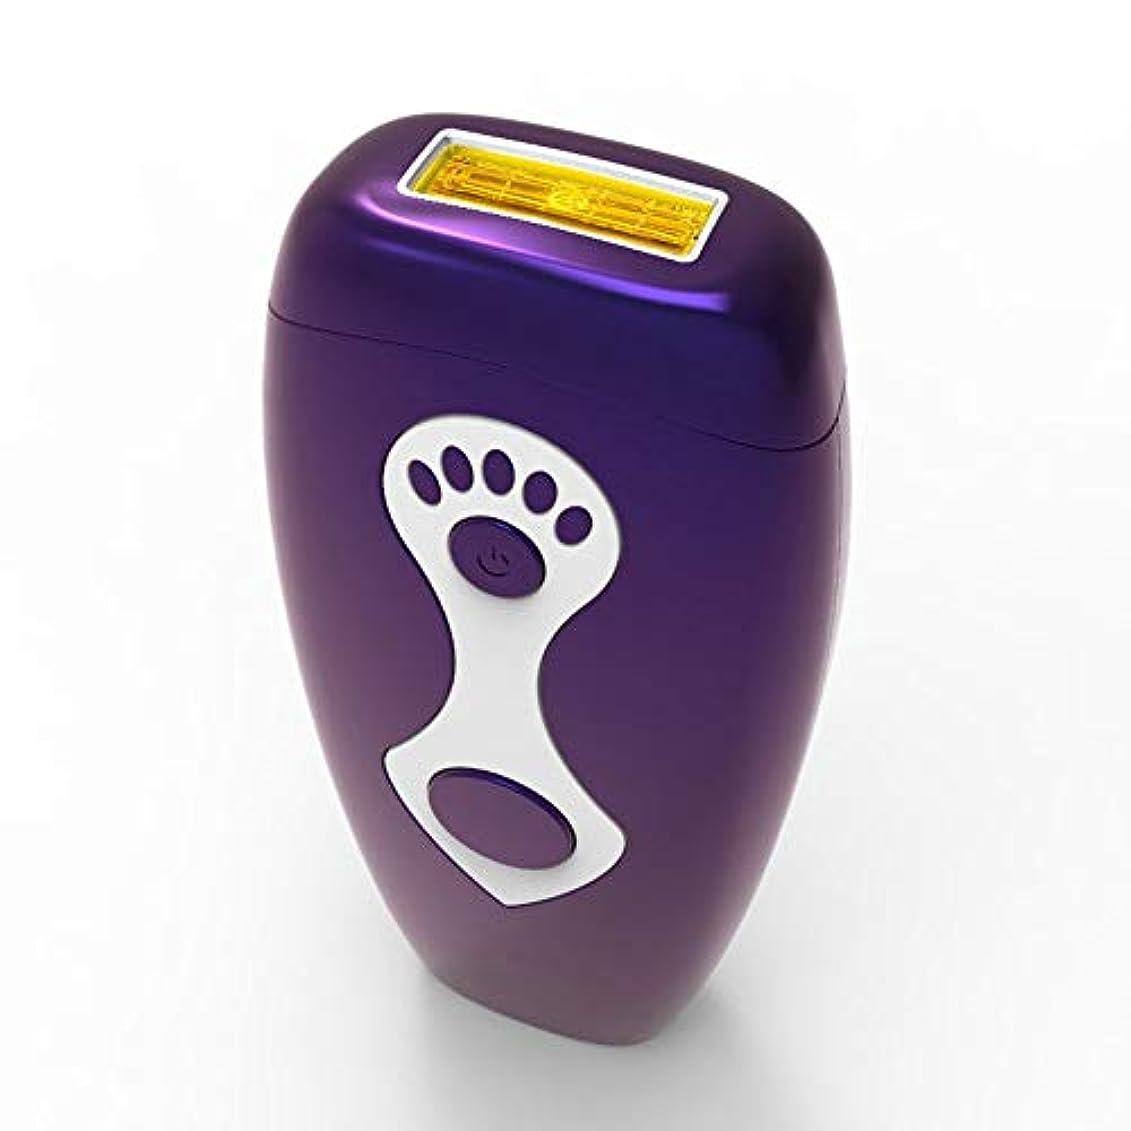 準備した現在申し立てるダパイ パーマネント脱毛、家庭用ニュートラルヘアリムーバー、柔らかい肌、マルチ運動エネルギー、安全性、グレード5無料調整、サイズ7.5×16.5 Cm U546 (Color : Purple)